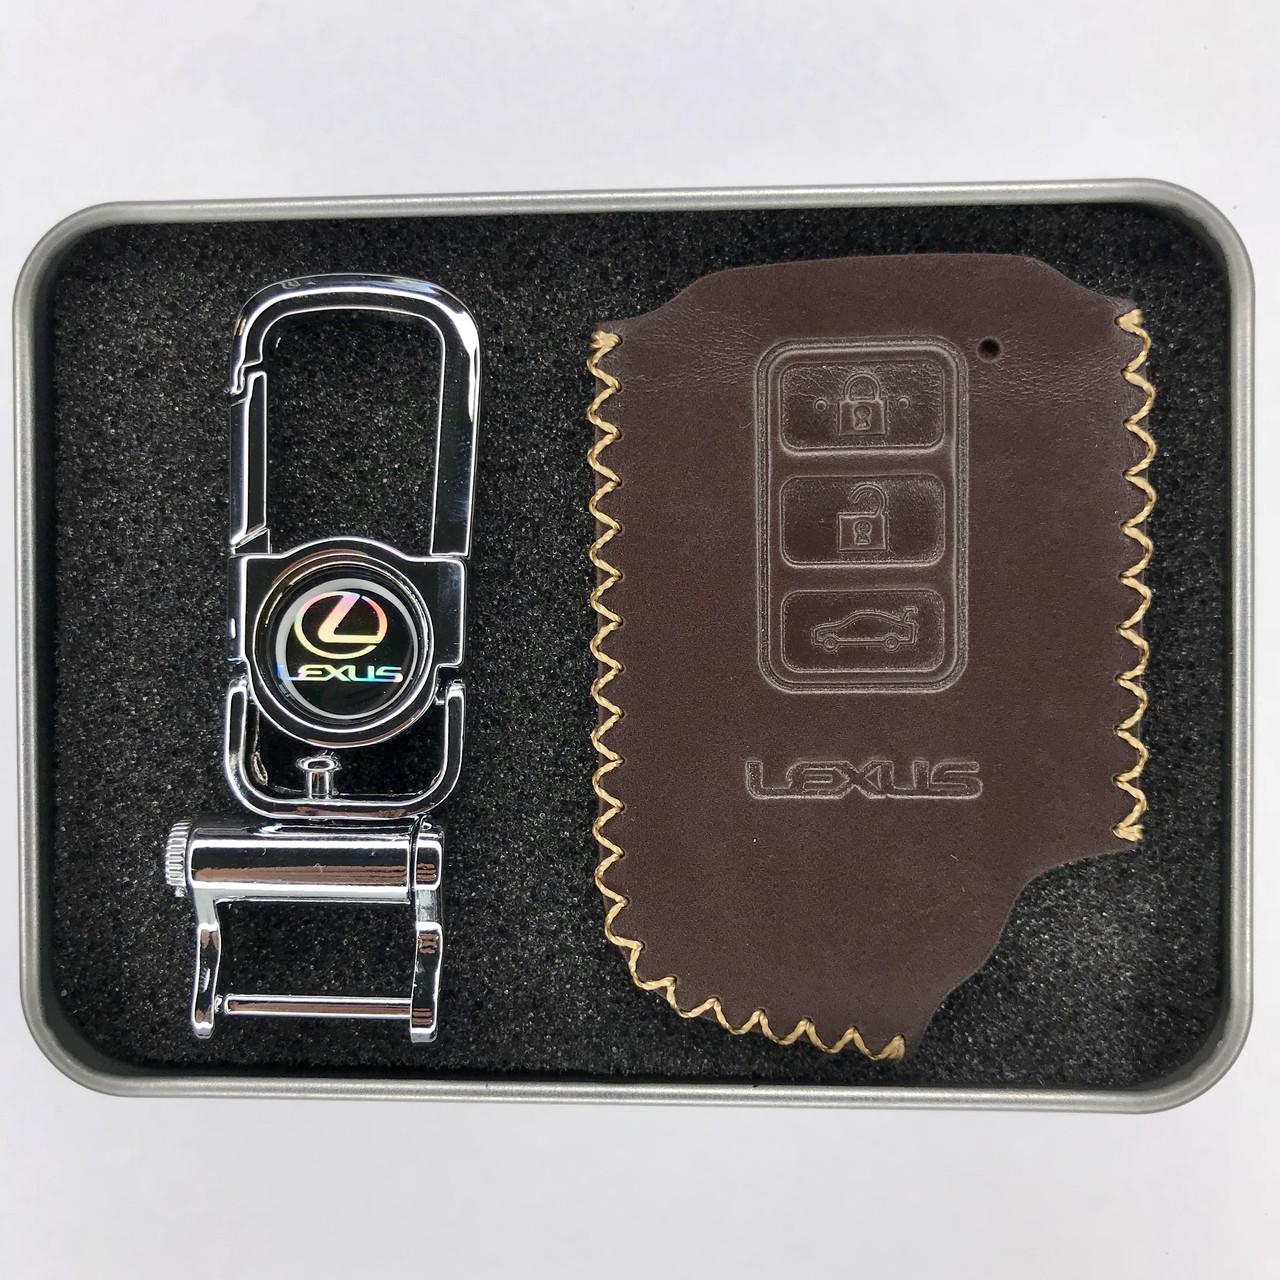 Чехол из тонкой телячьей кожи для ключа Lexus LS,GX 470,RC,IS,ES,GS,RX,LX,LC,SC,NX